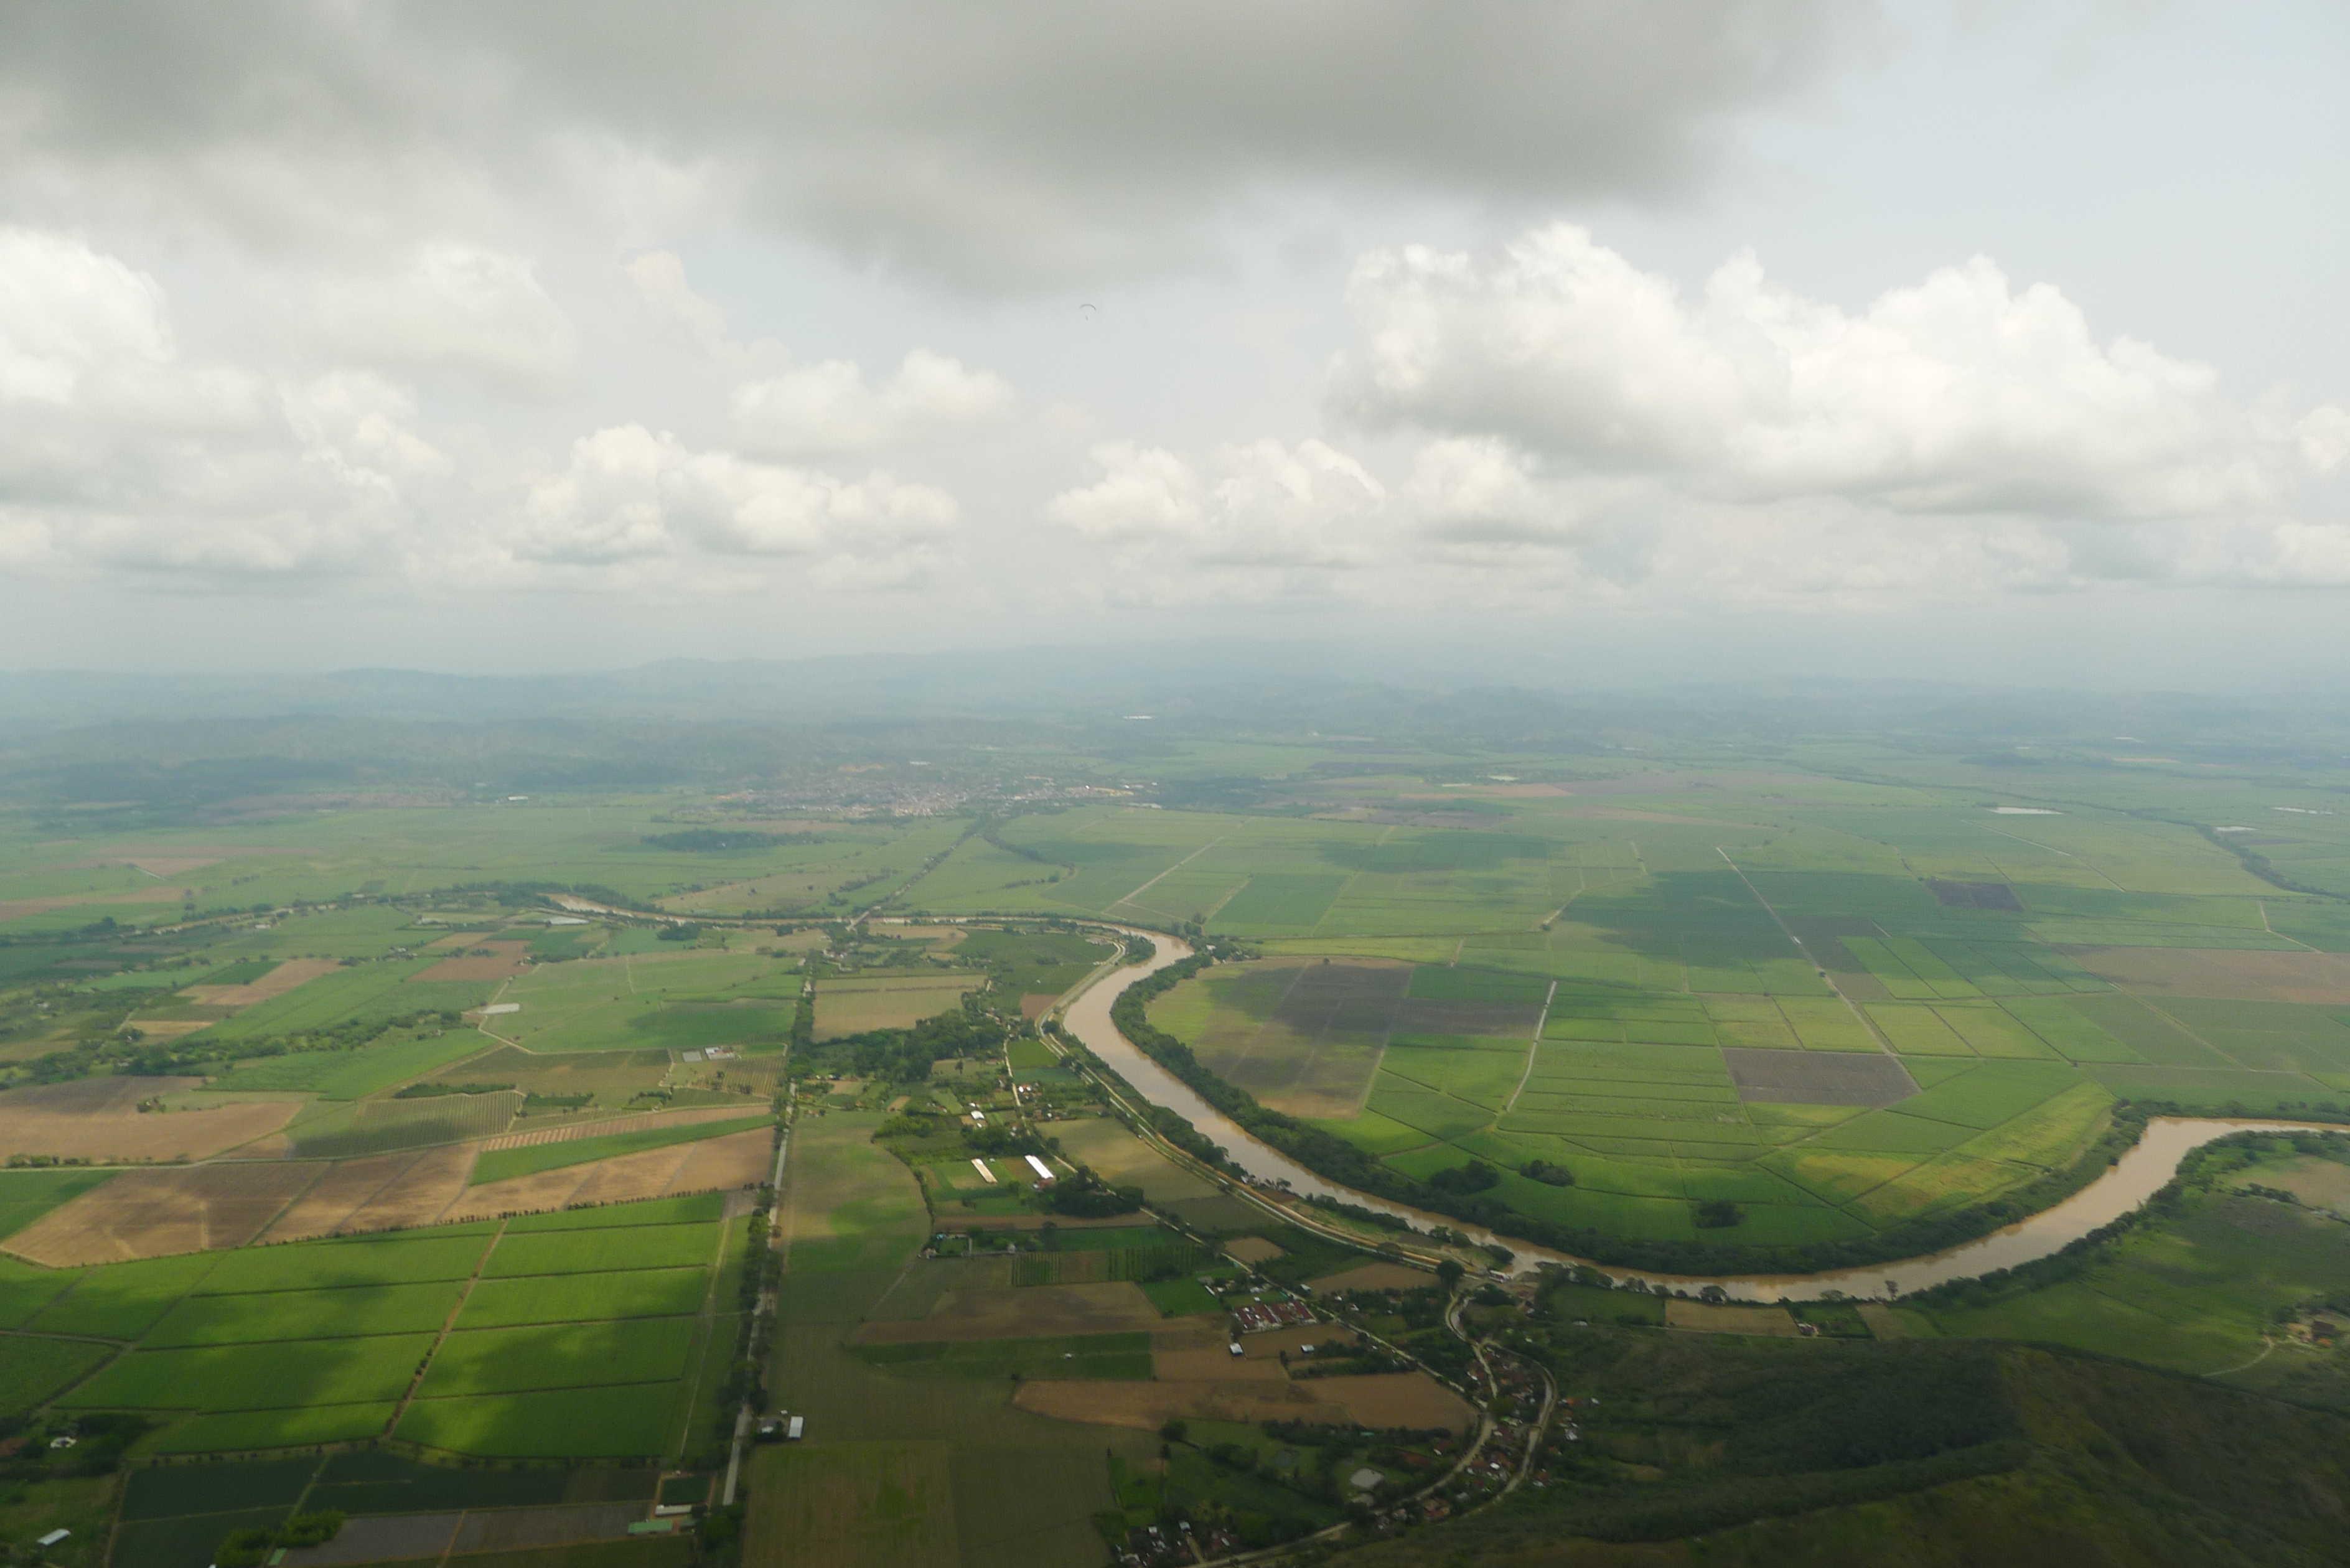 la plaine, bien allumée